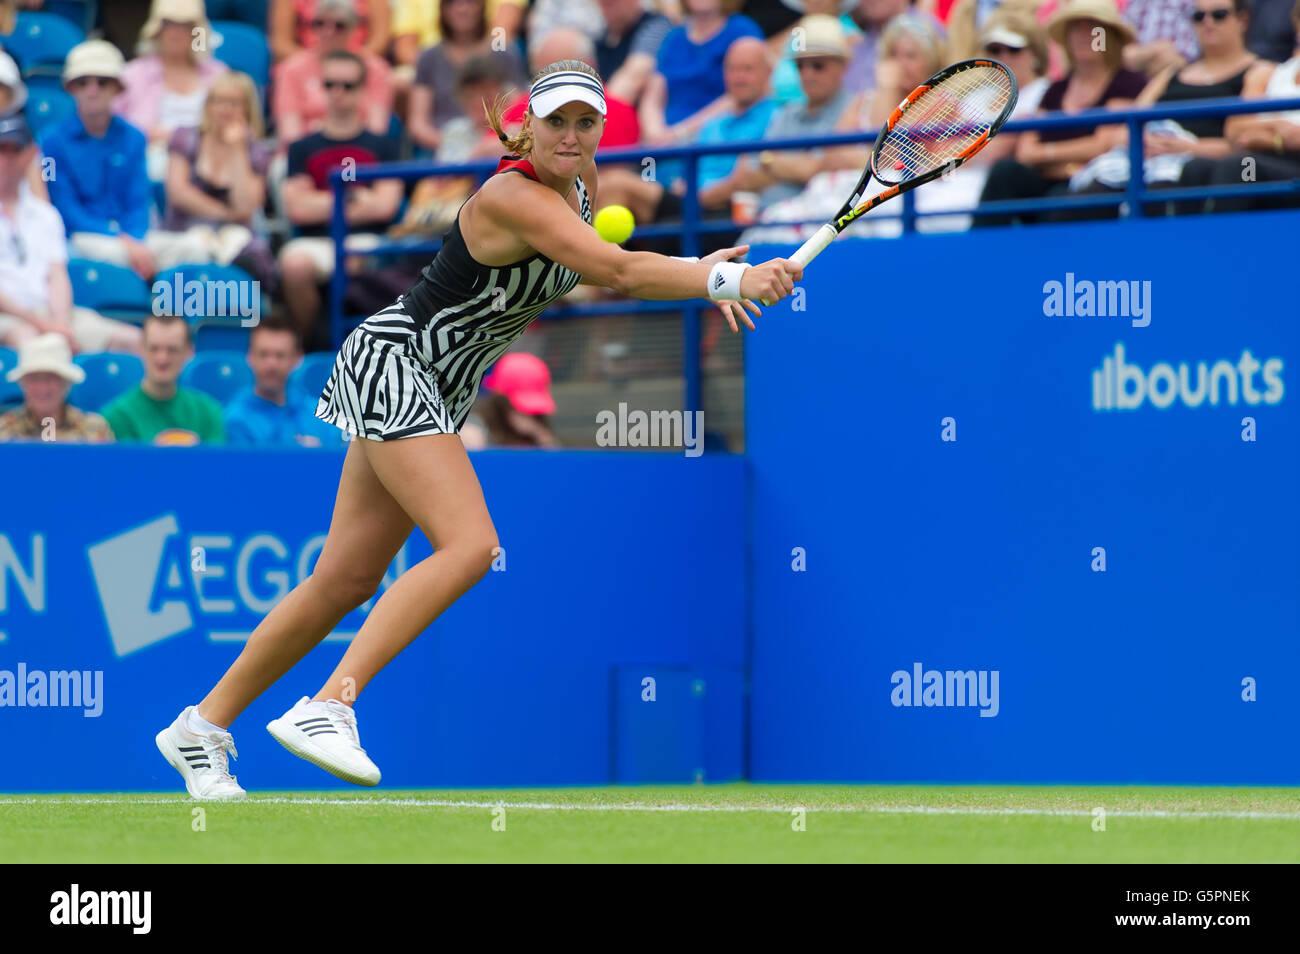 Eastbourne, Reino Unido. 23 junio, 2016. Kristina Mladenovic en acción en el 2016 Aegon Internacional torneo de tenis WTA Premier Crédito: Jimmie48 Fotografía/Alamy Live News Foto de stock